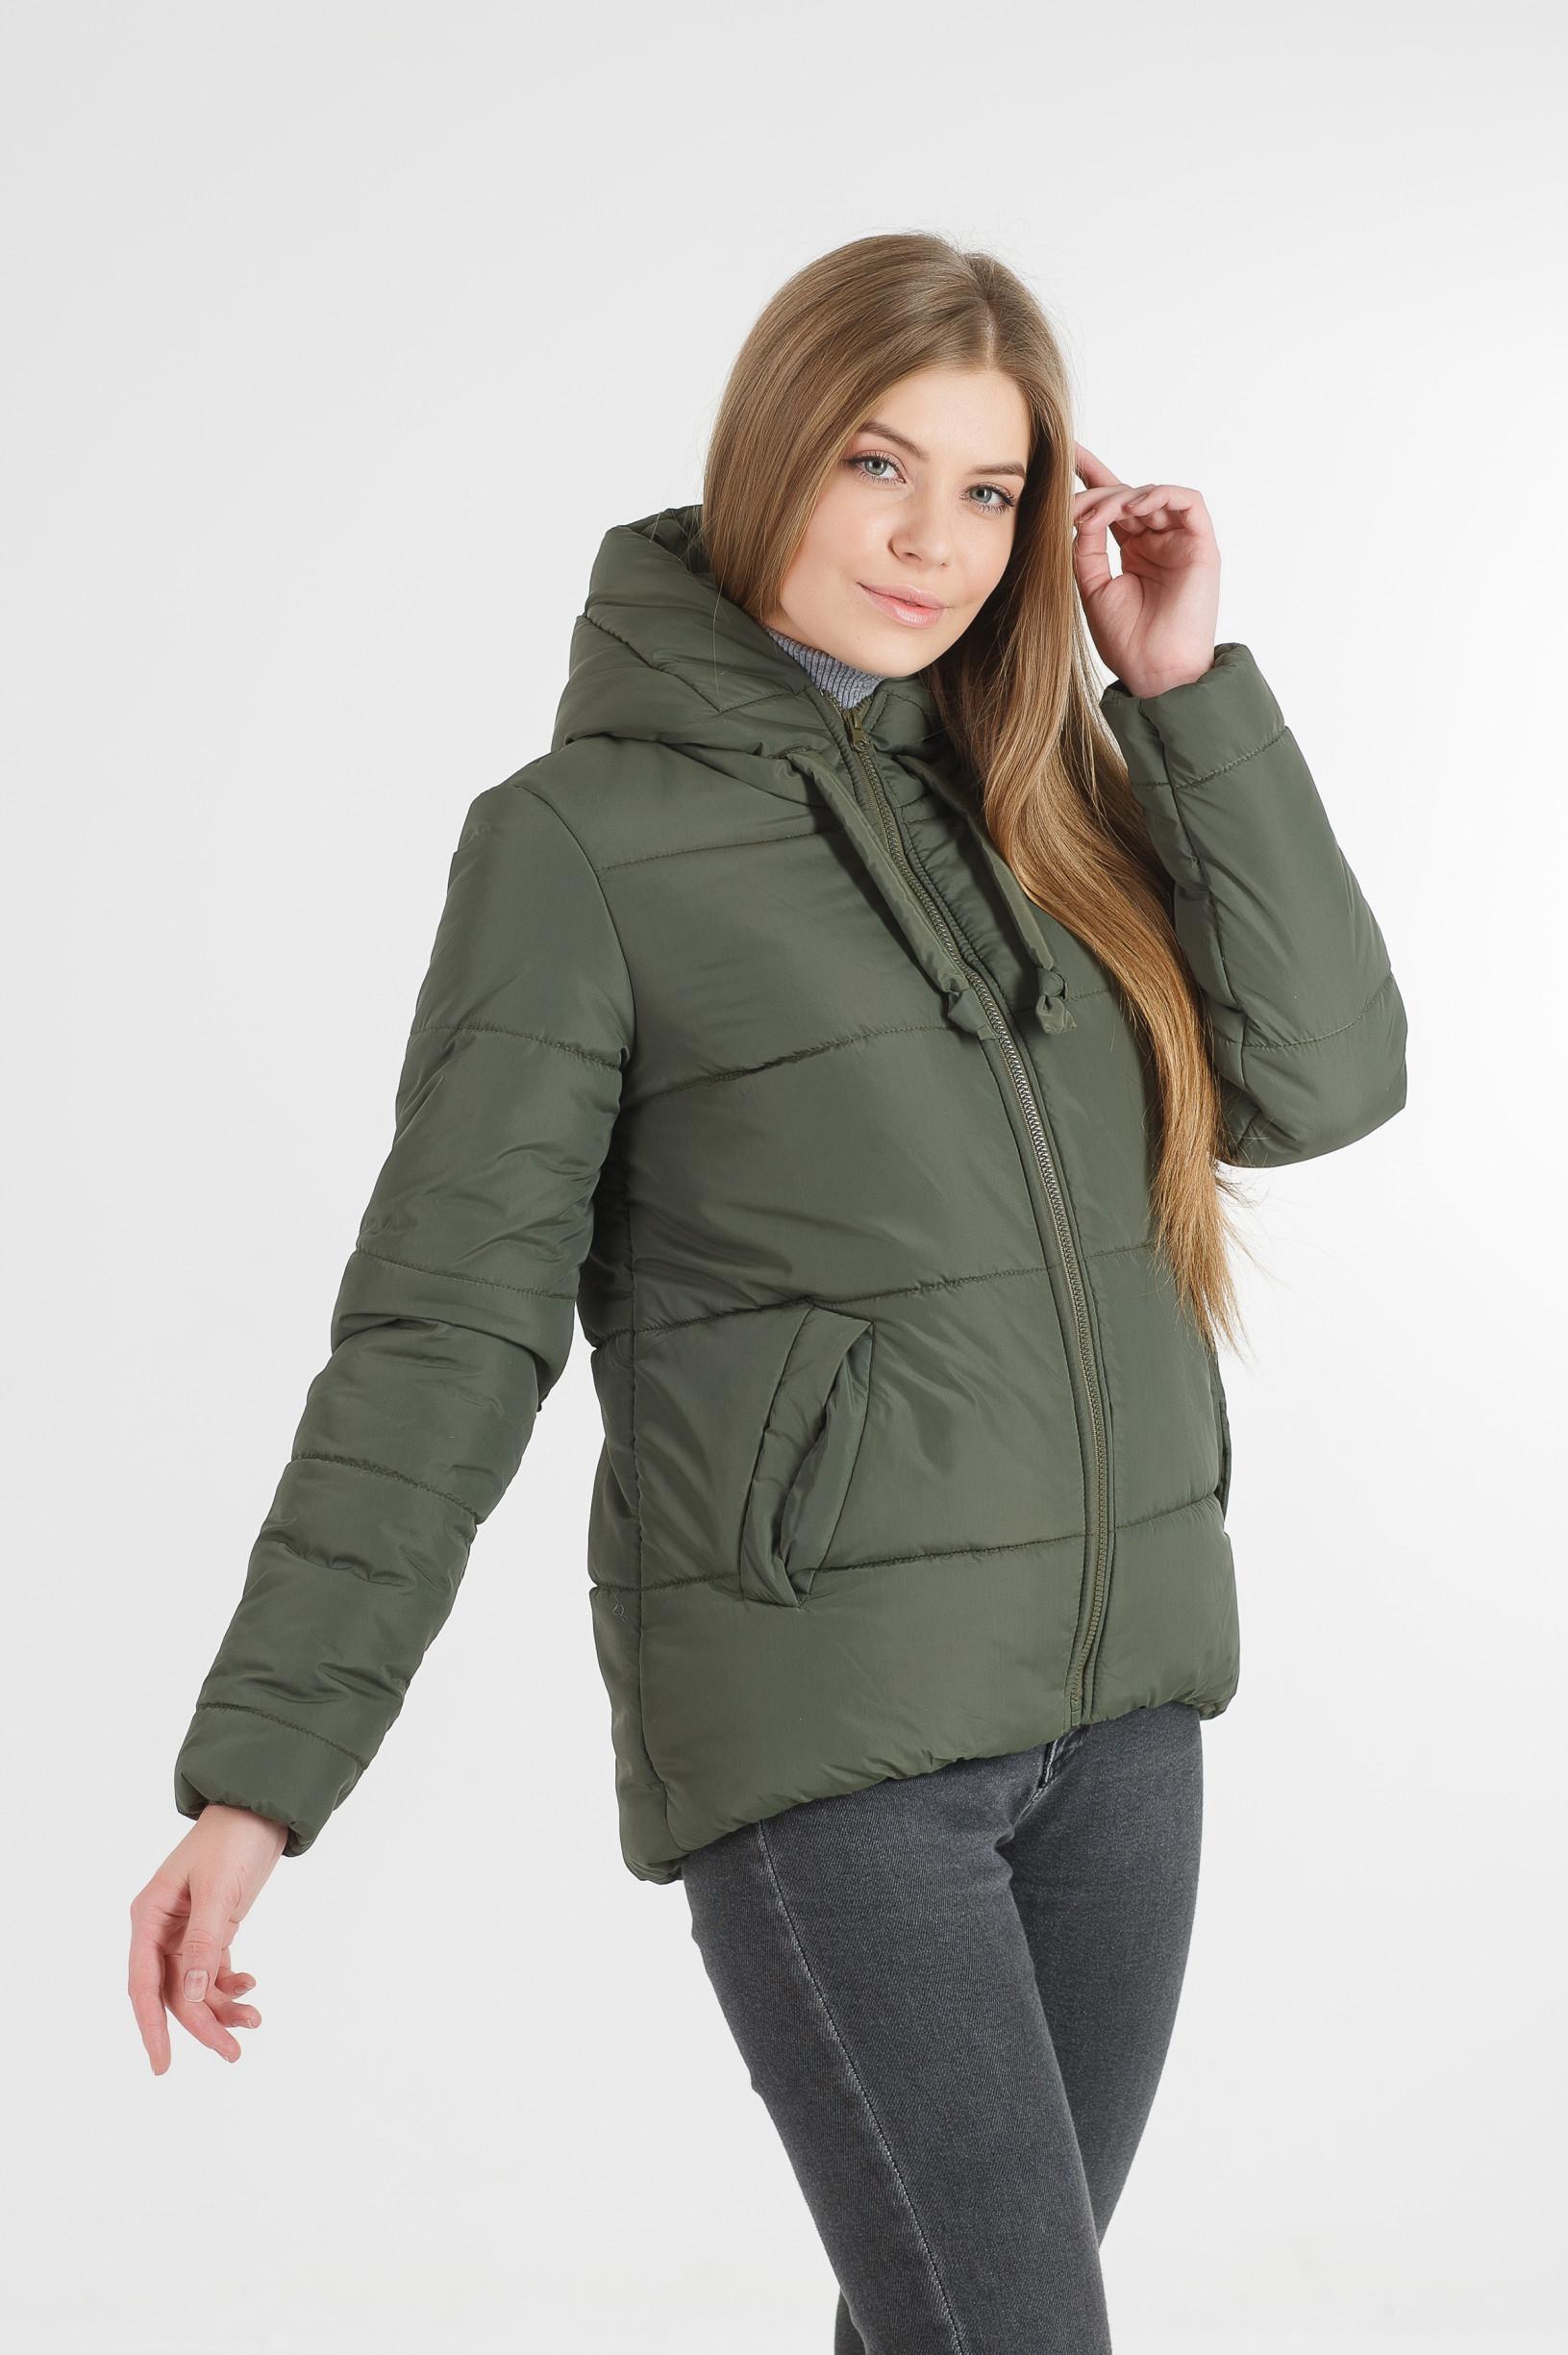 Полуспортивная хаки куртка для девушки Тутси